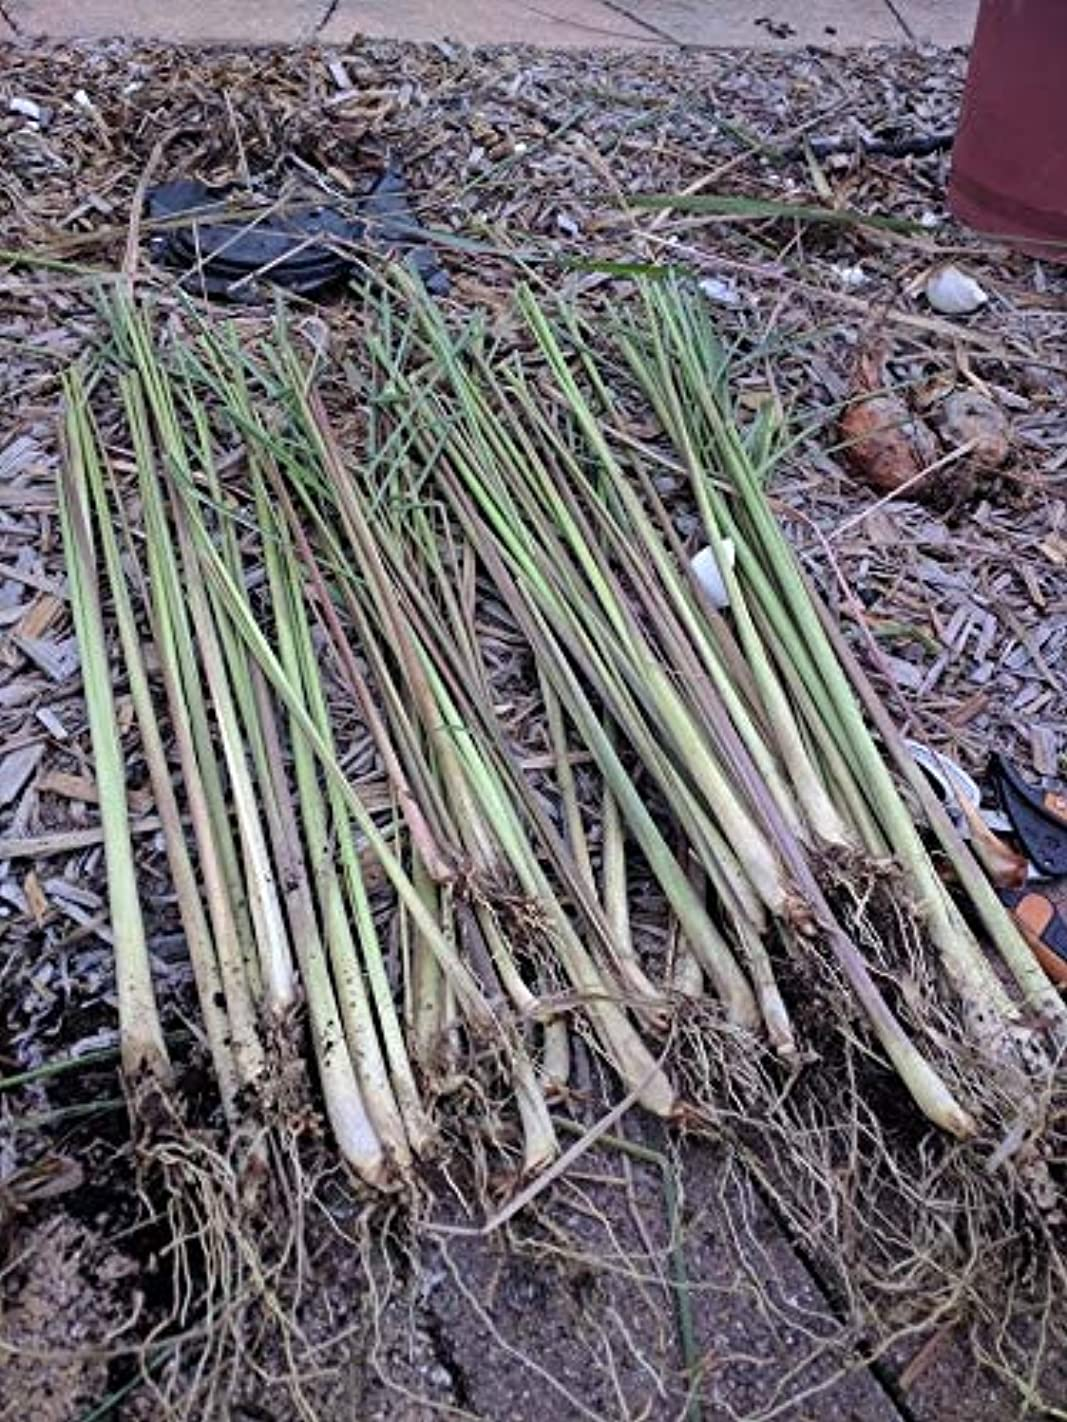 タイルお香刈る用途:ハーブティー - タイ料理 - カレー - 健康上の利点 - エッセンシャルオイル - アロマセラピーを。